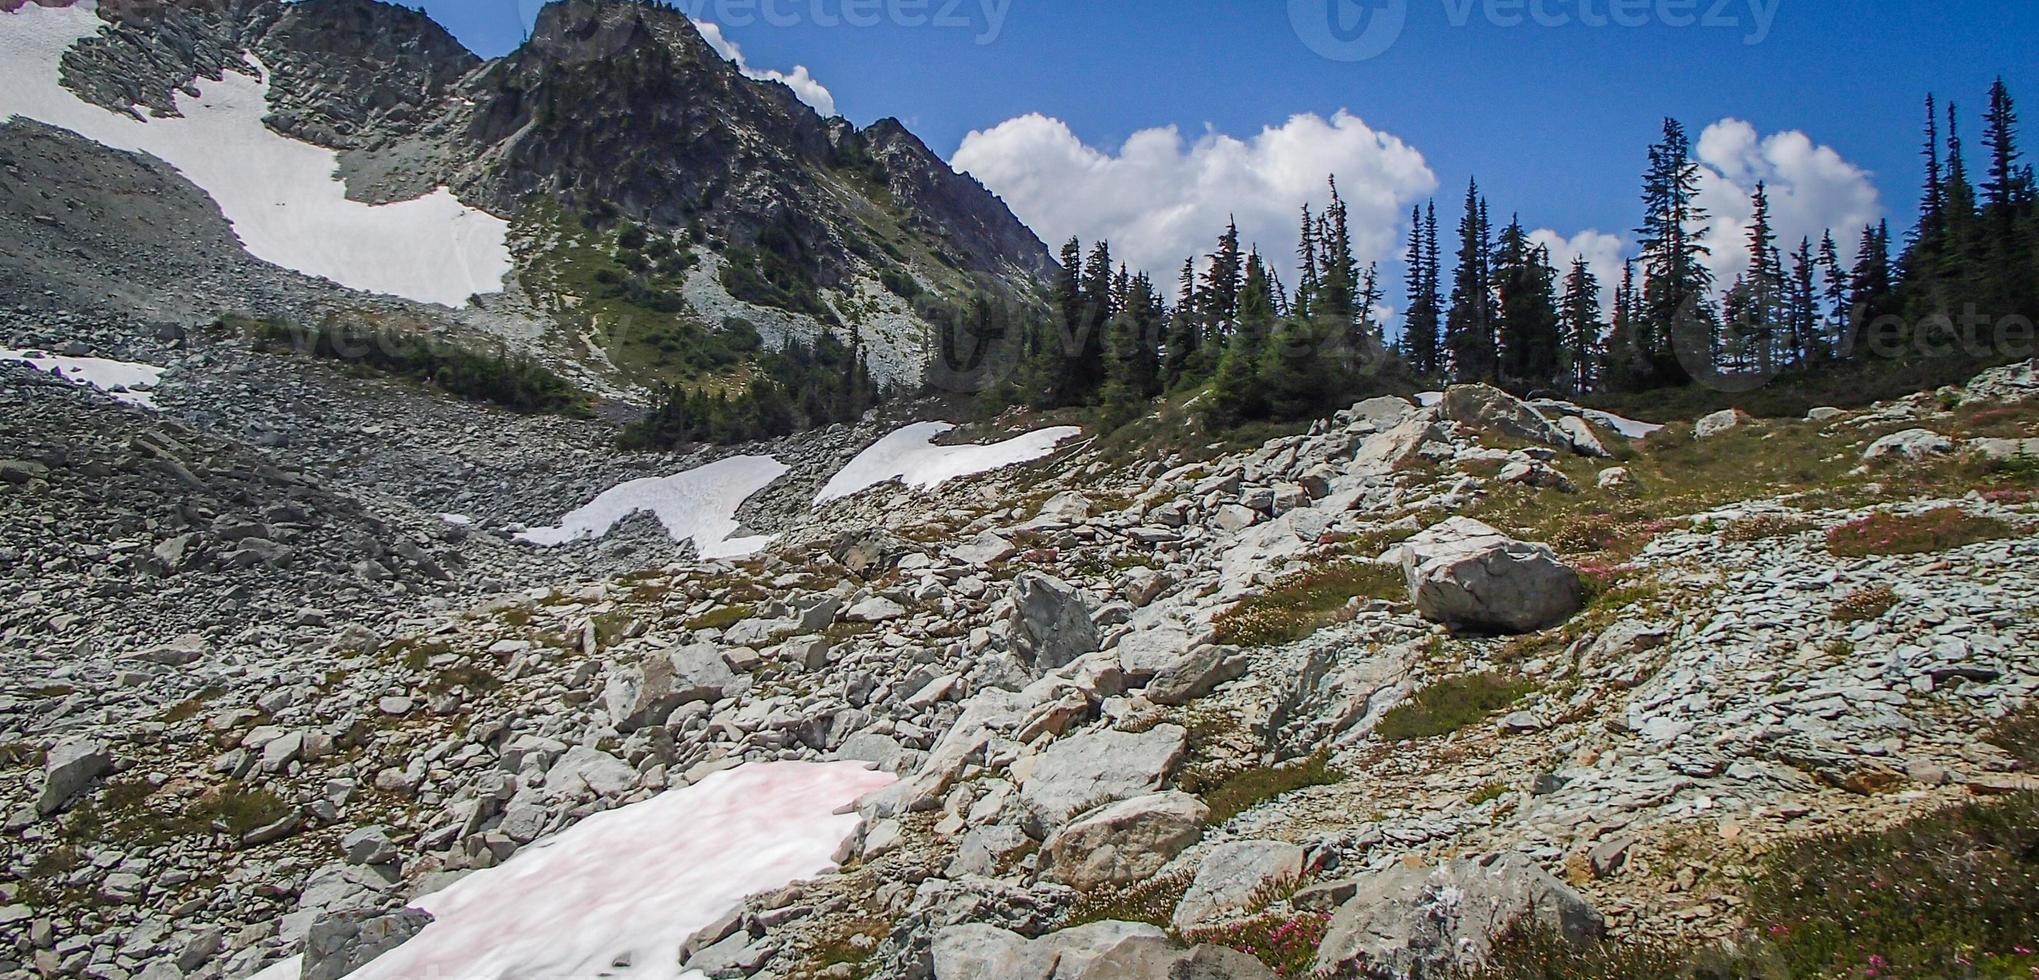 Gletscher zwischen Felsbrocken, Kiefern und Schnee foto